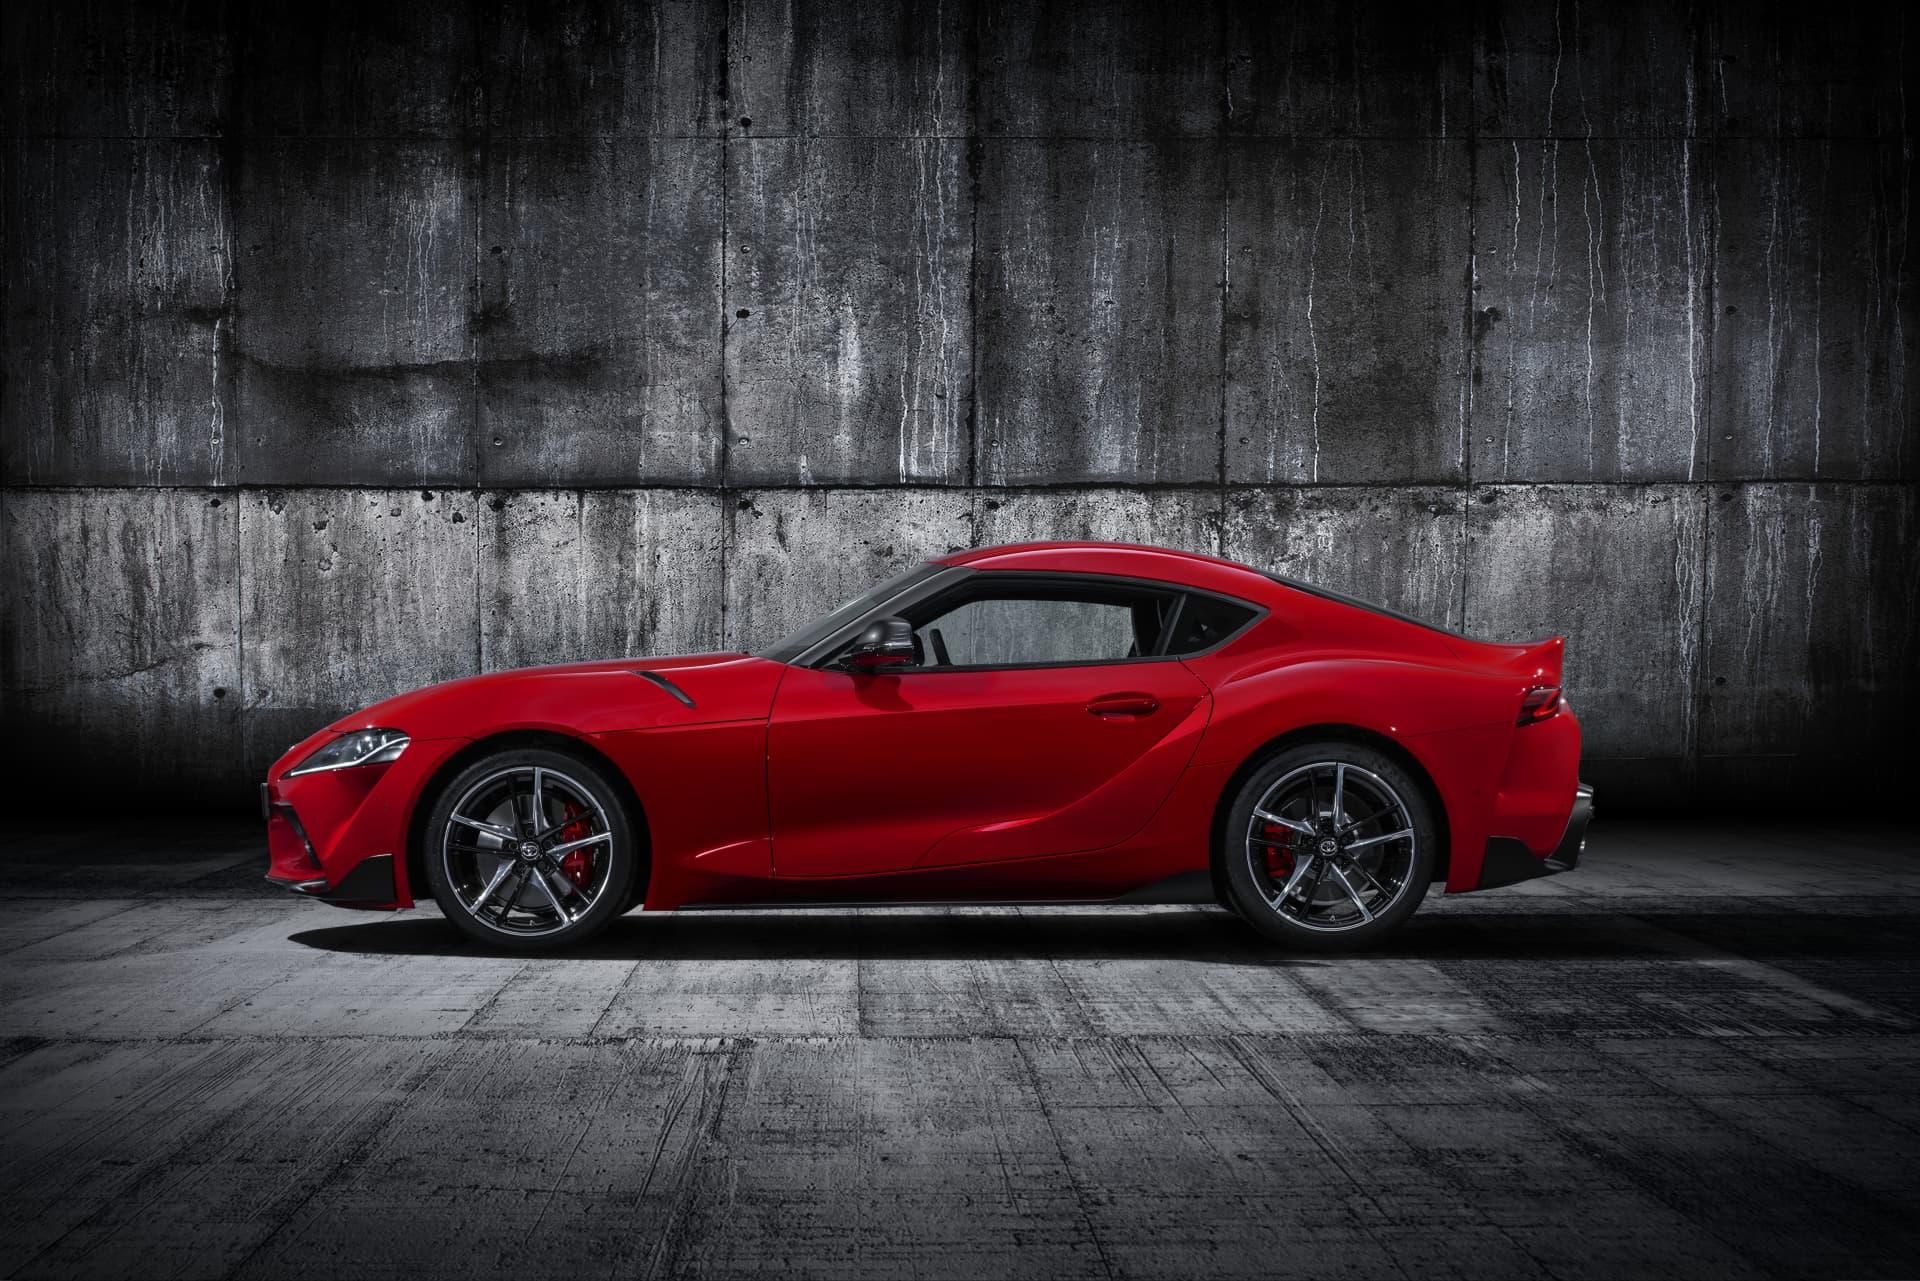 Todos Los Detalles Rojo Exterior Toyota Supra Red Studio 004 410783